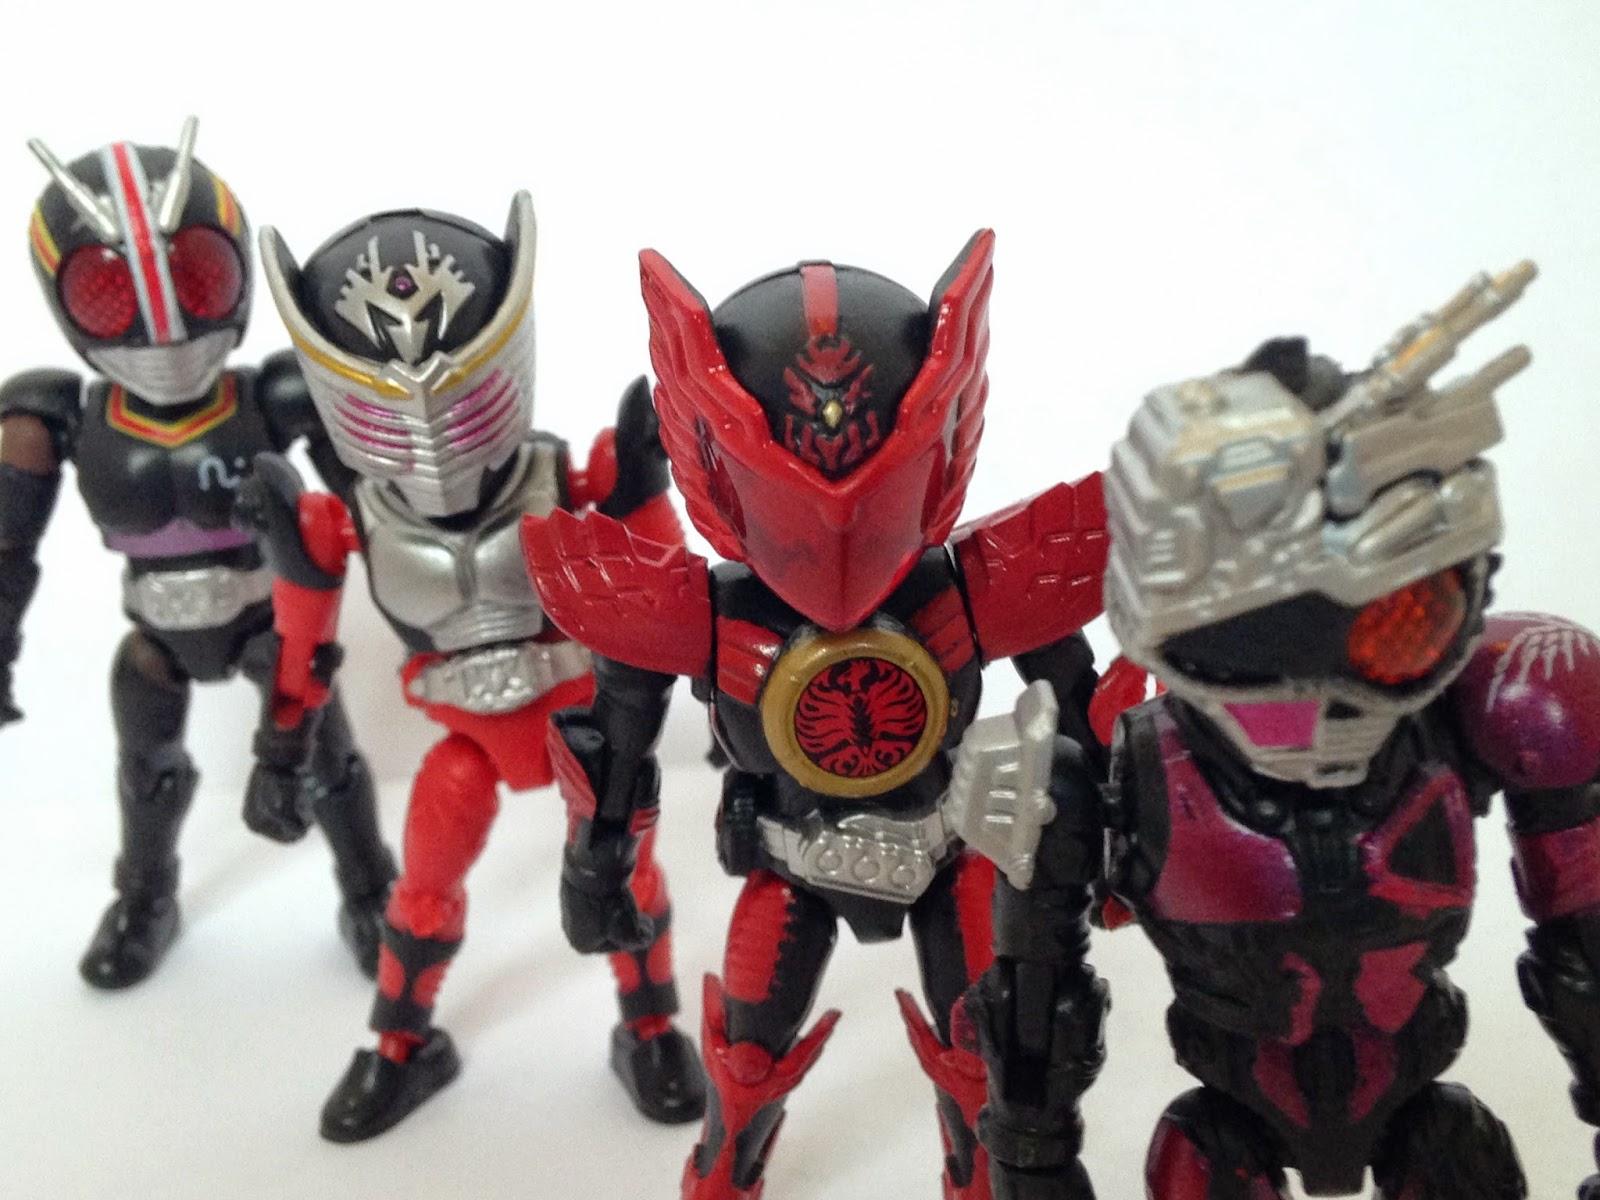 66action Kamen Rider Wave 5